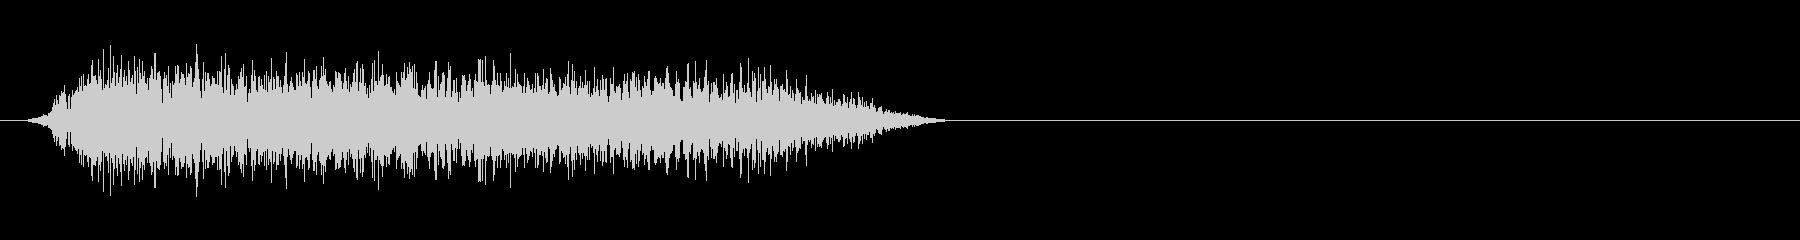 「イエー!」短いこどもたちの声効果音の未再生の波形